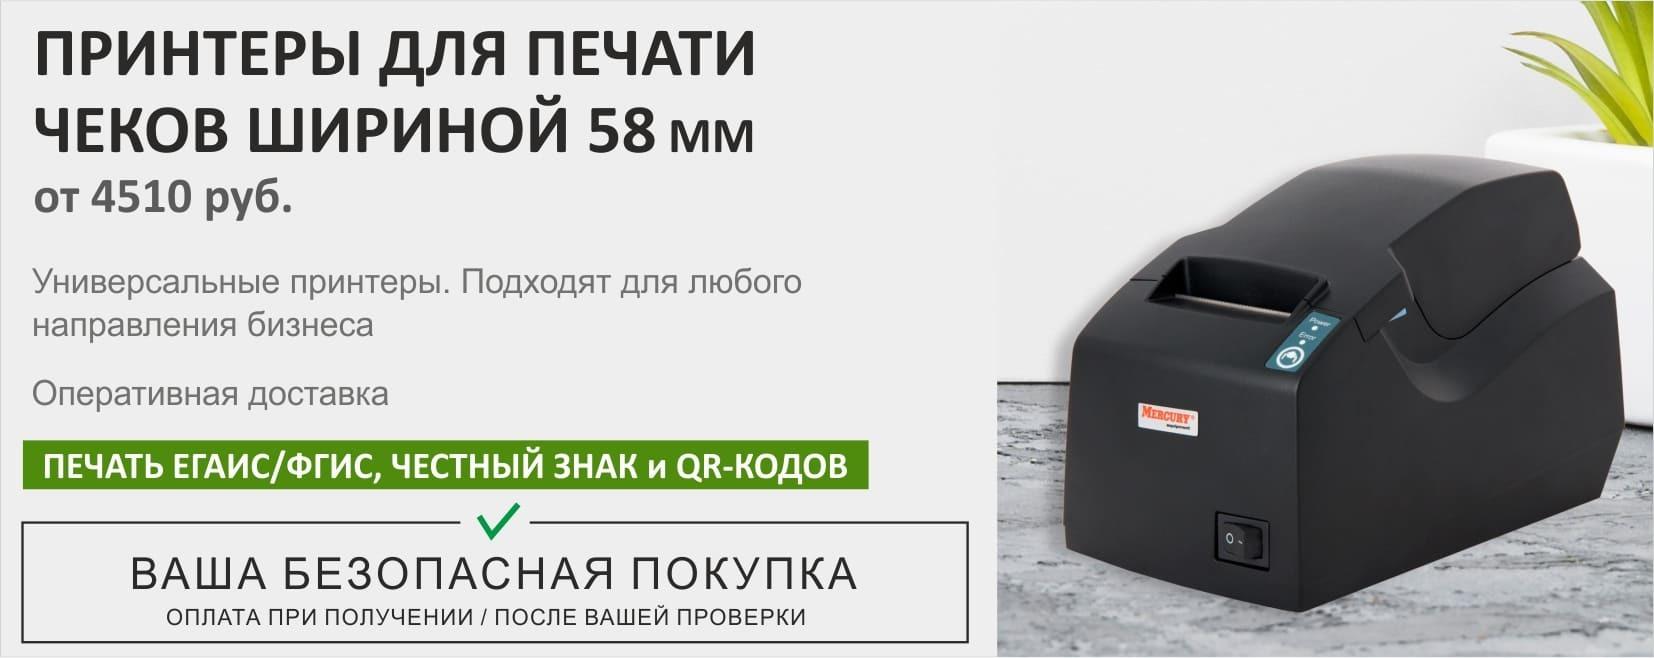 - Принтеры для чеков до 58 мм